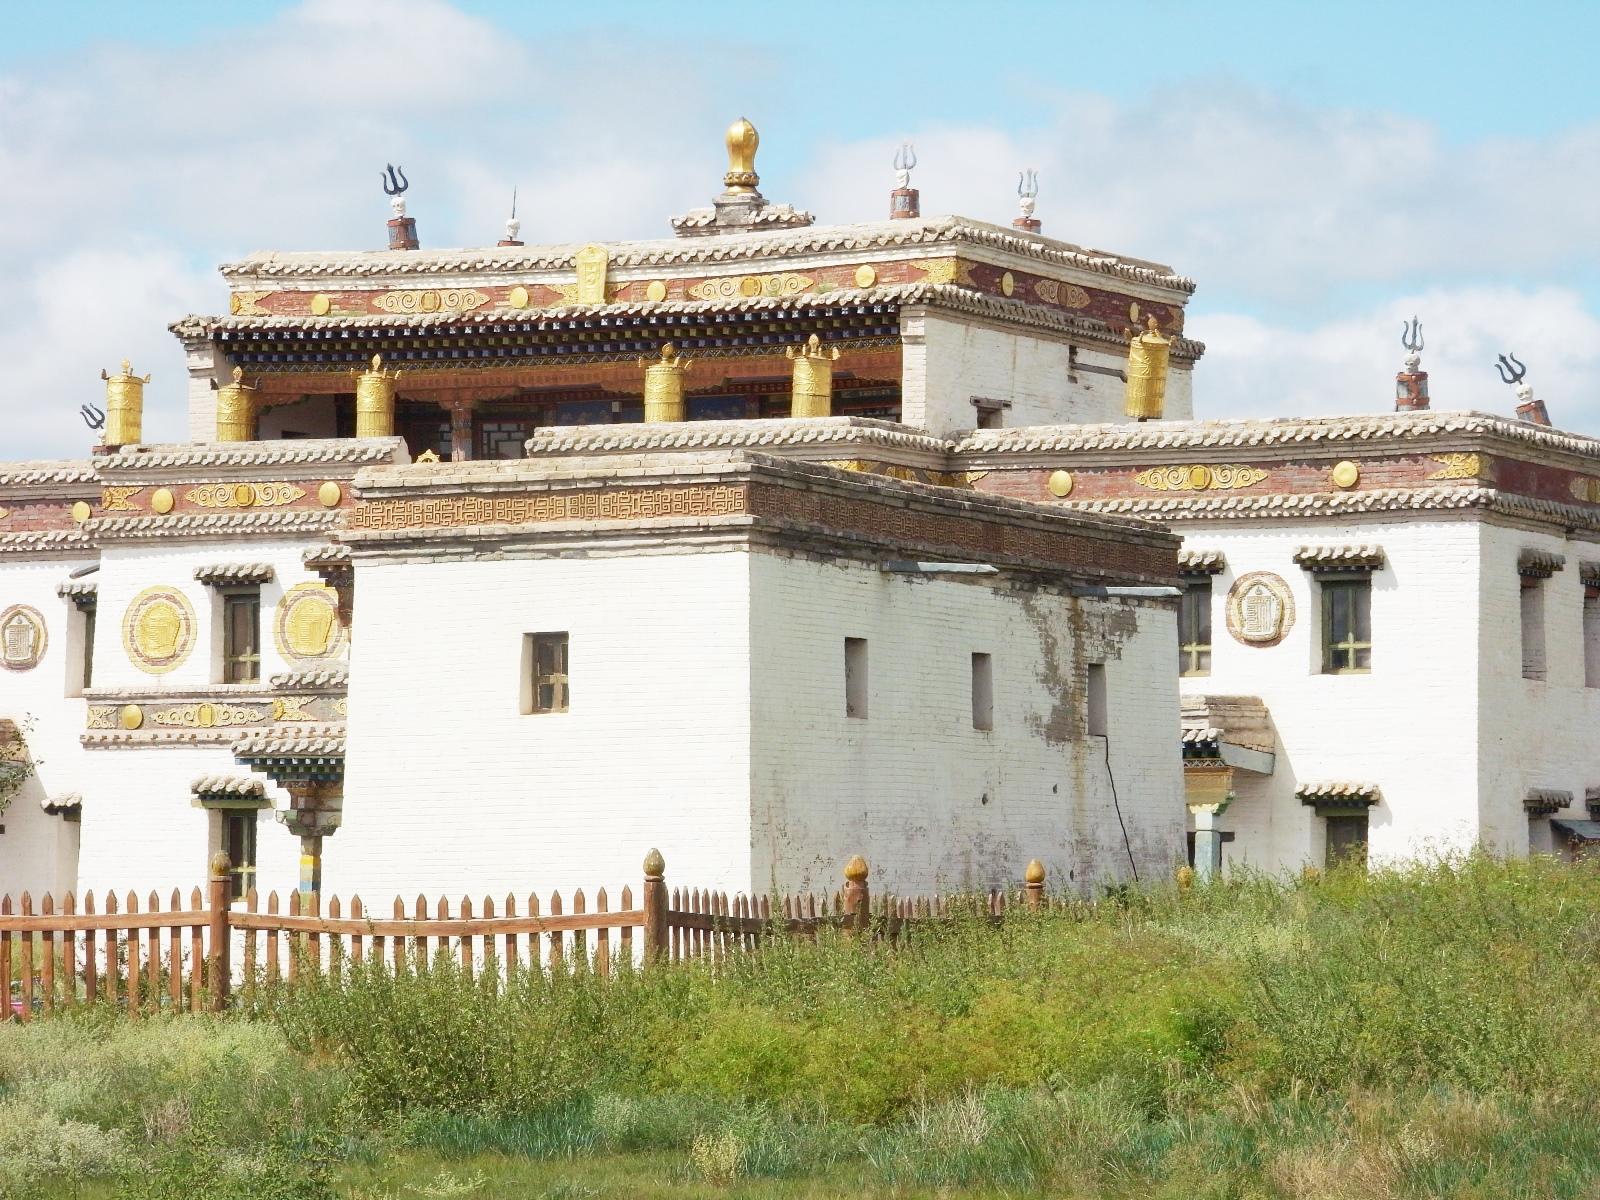 モンゴル最古のチベット仏教寺院エルデニ・ゾー